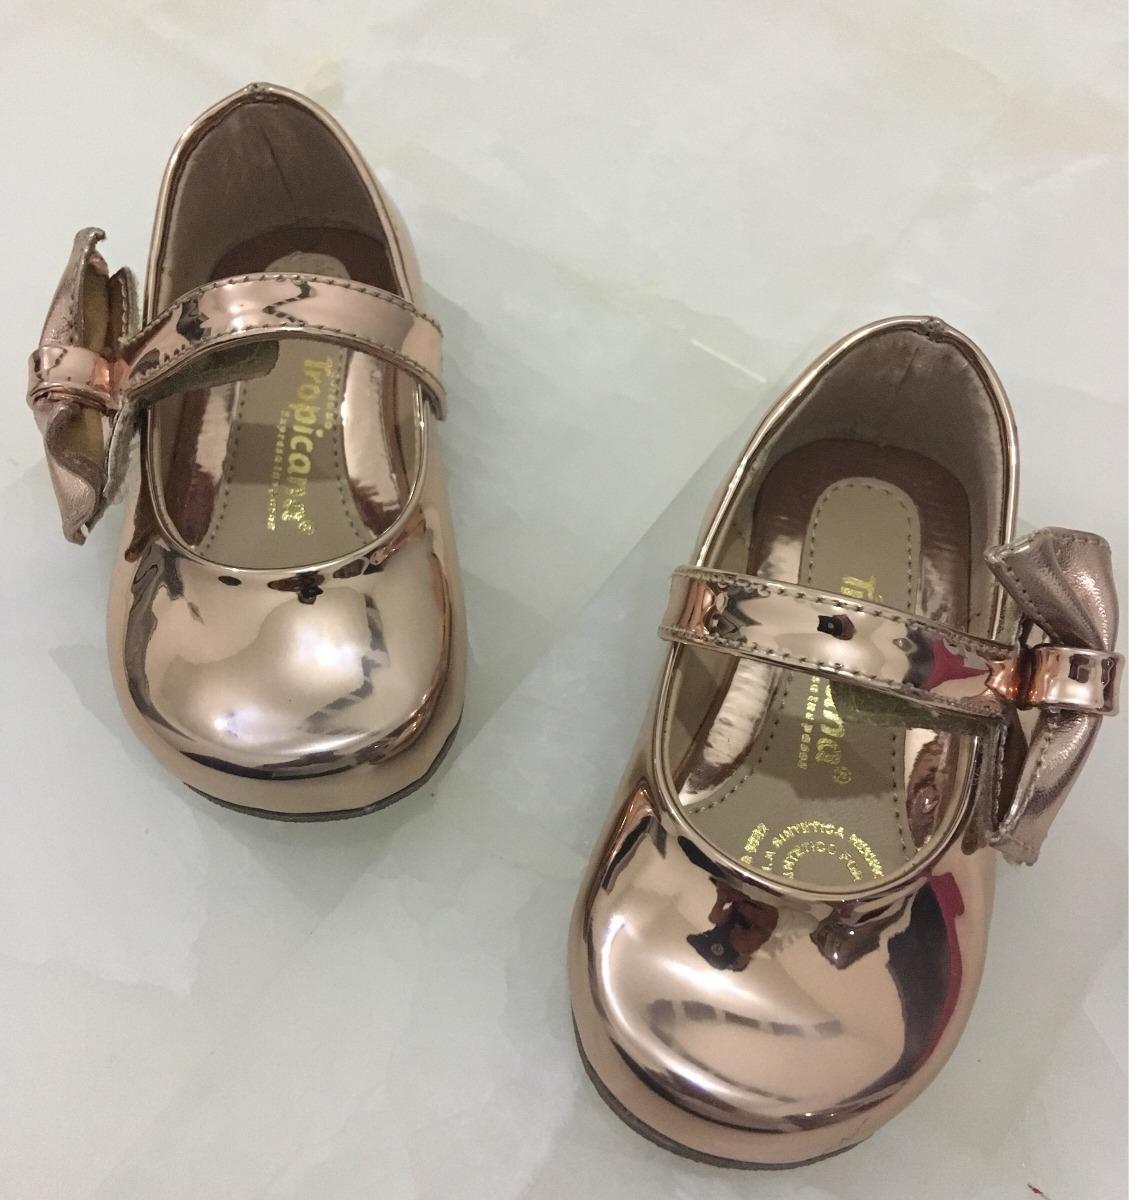 0a7eaa5b5b69e Zapato Balerina Para Niña Dorado -   340.00 en Mercado Libre